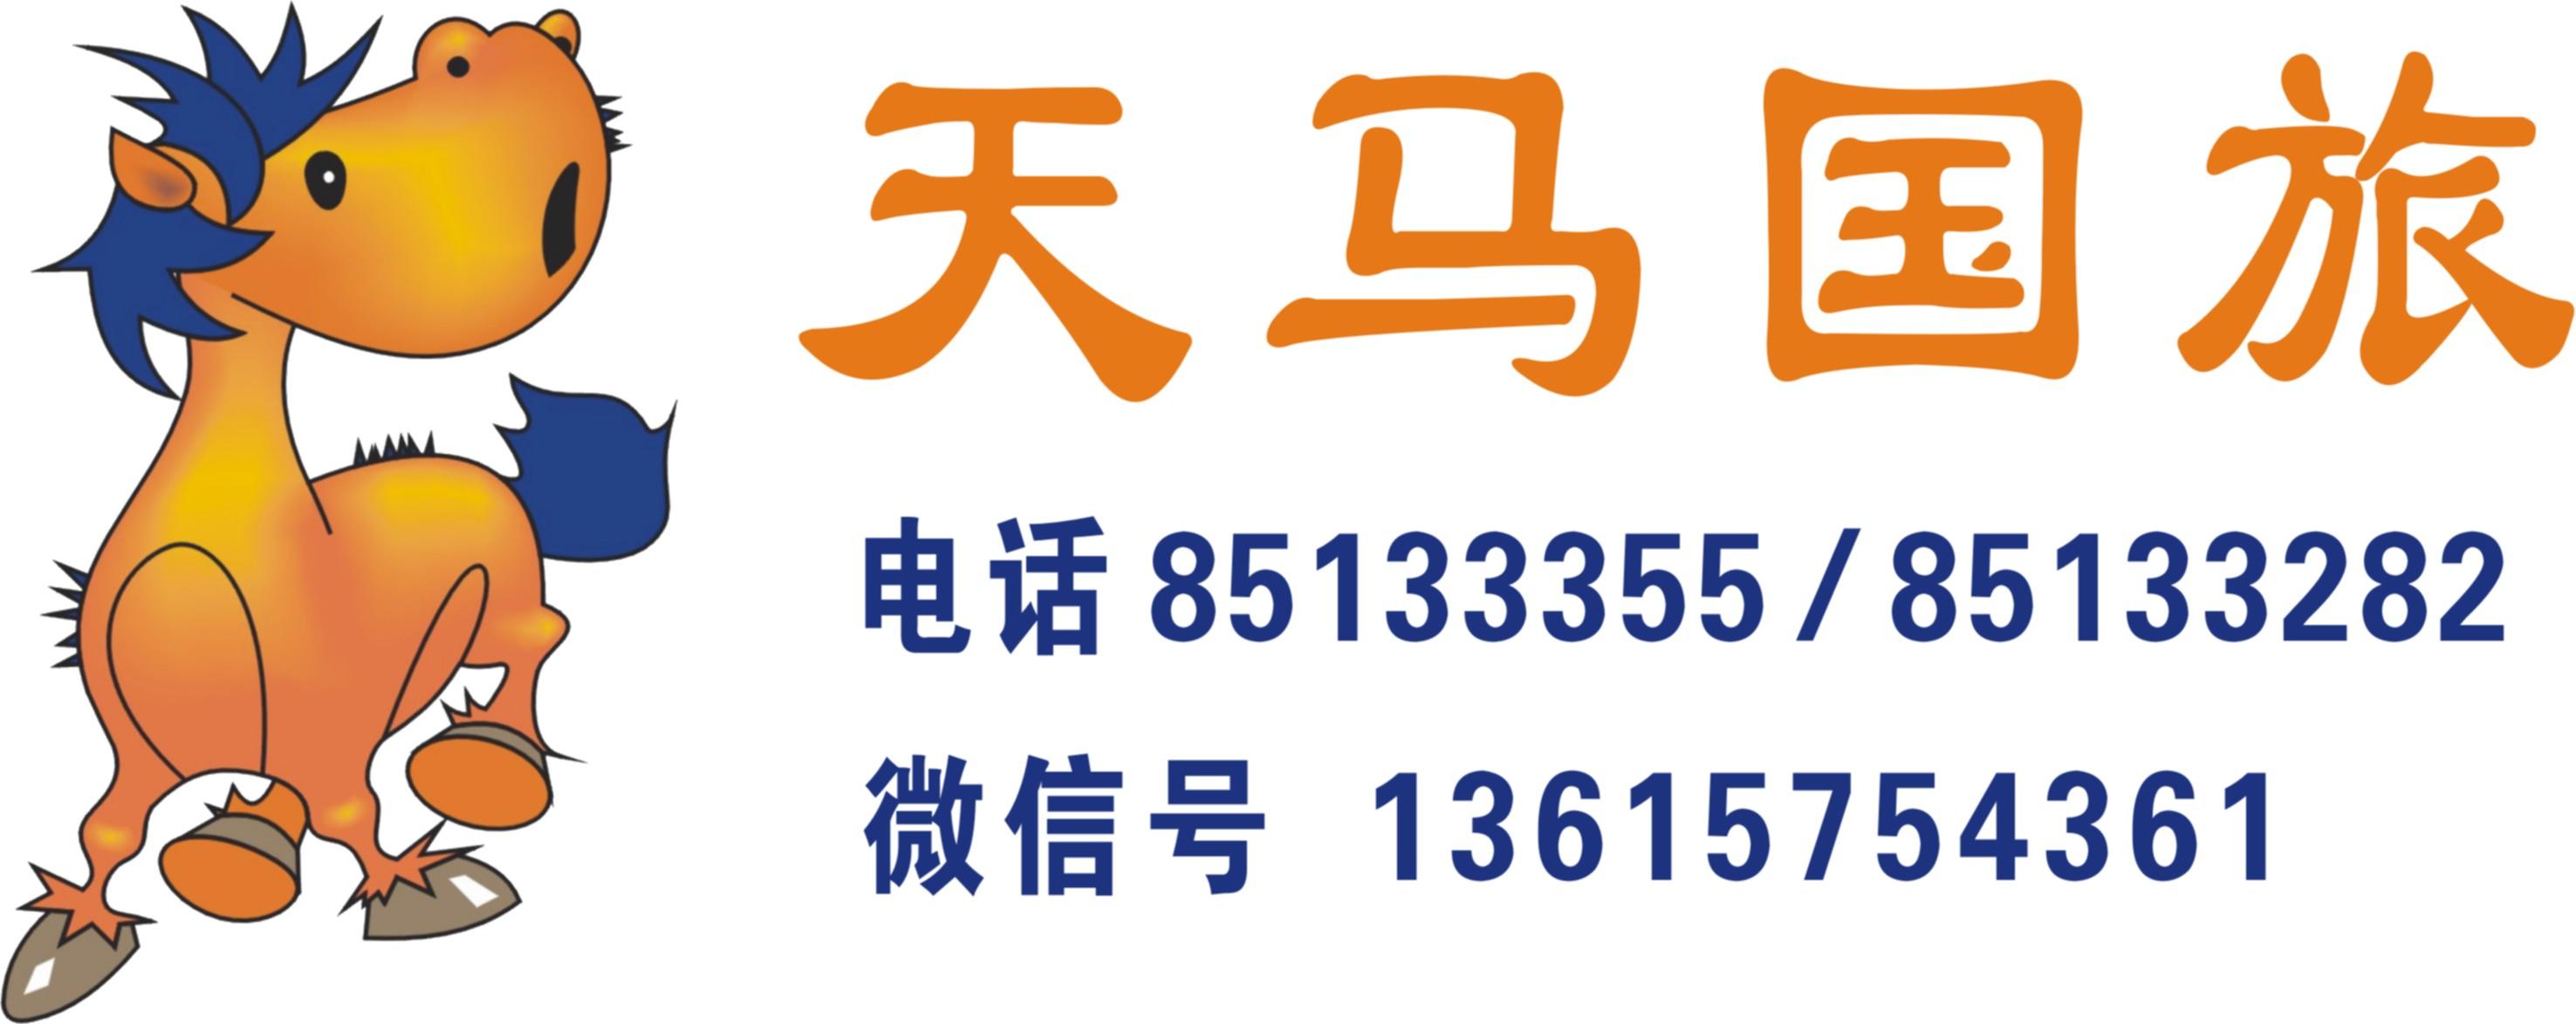 5.30【苍南海滨浴场、捕鱼、烤全羊、漂流二日】篝火晚会